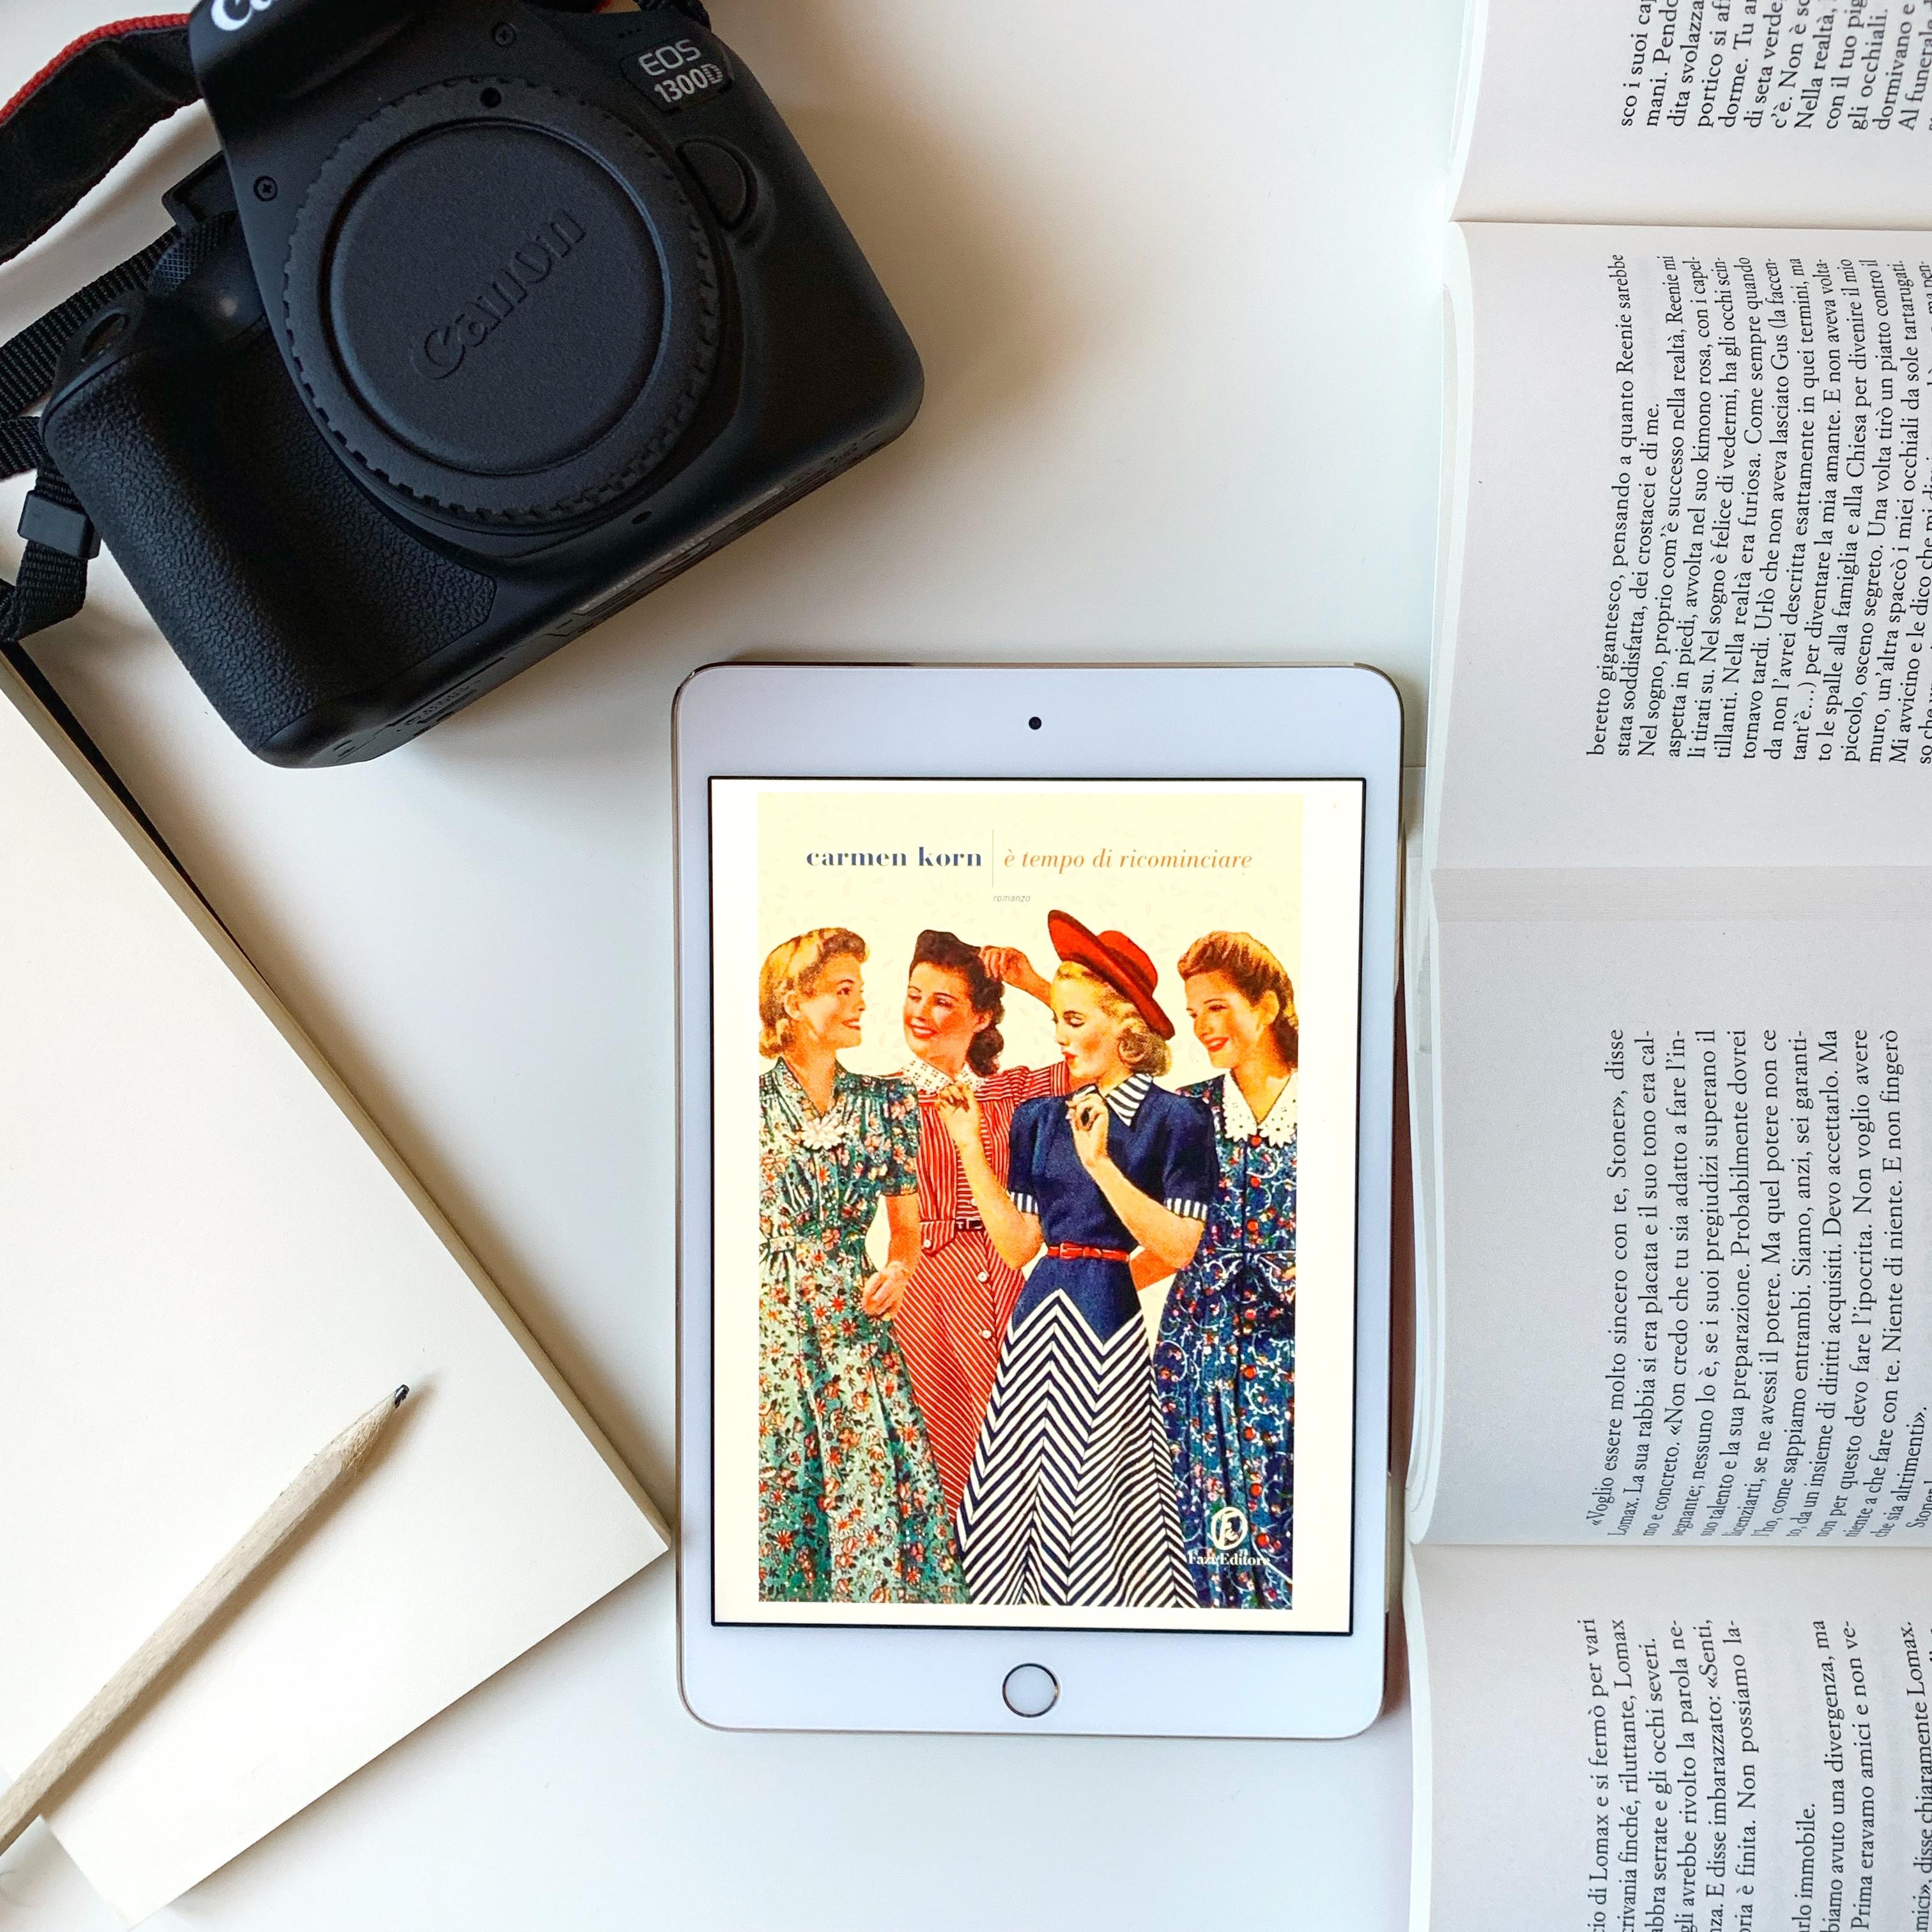 È tempo di ricominciare, Carmen Korn, Fazi Editore, Germania, Amburgo, serie, saga famigliare, Figlie di una nuova era, Amiche, Amicizia, Secondo dopoguerra